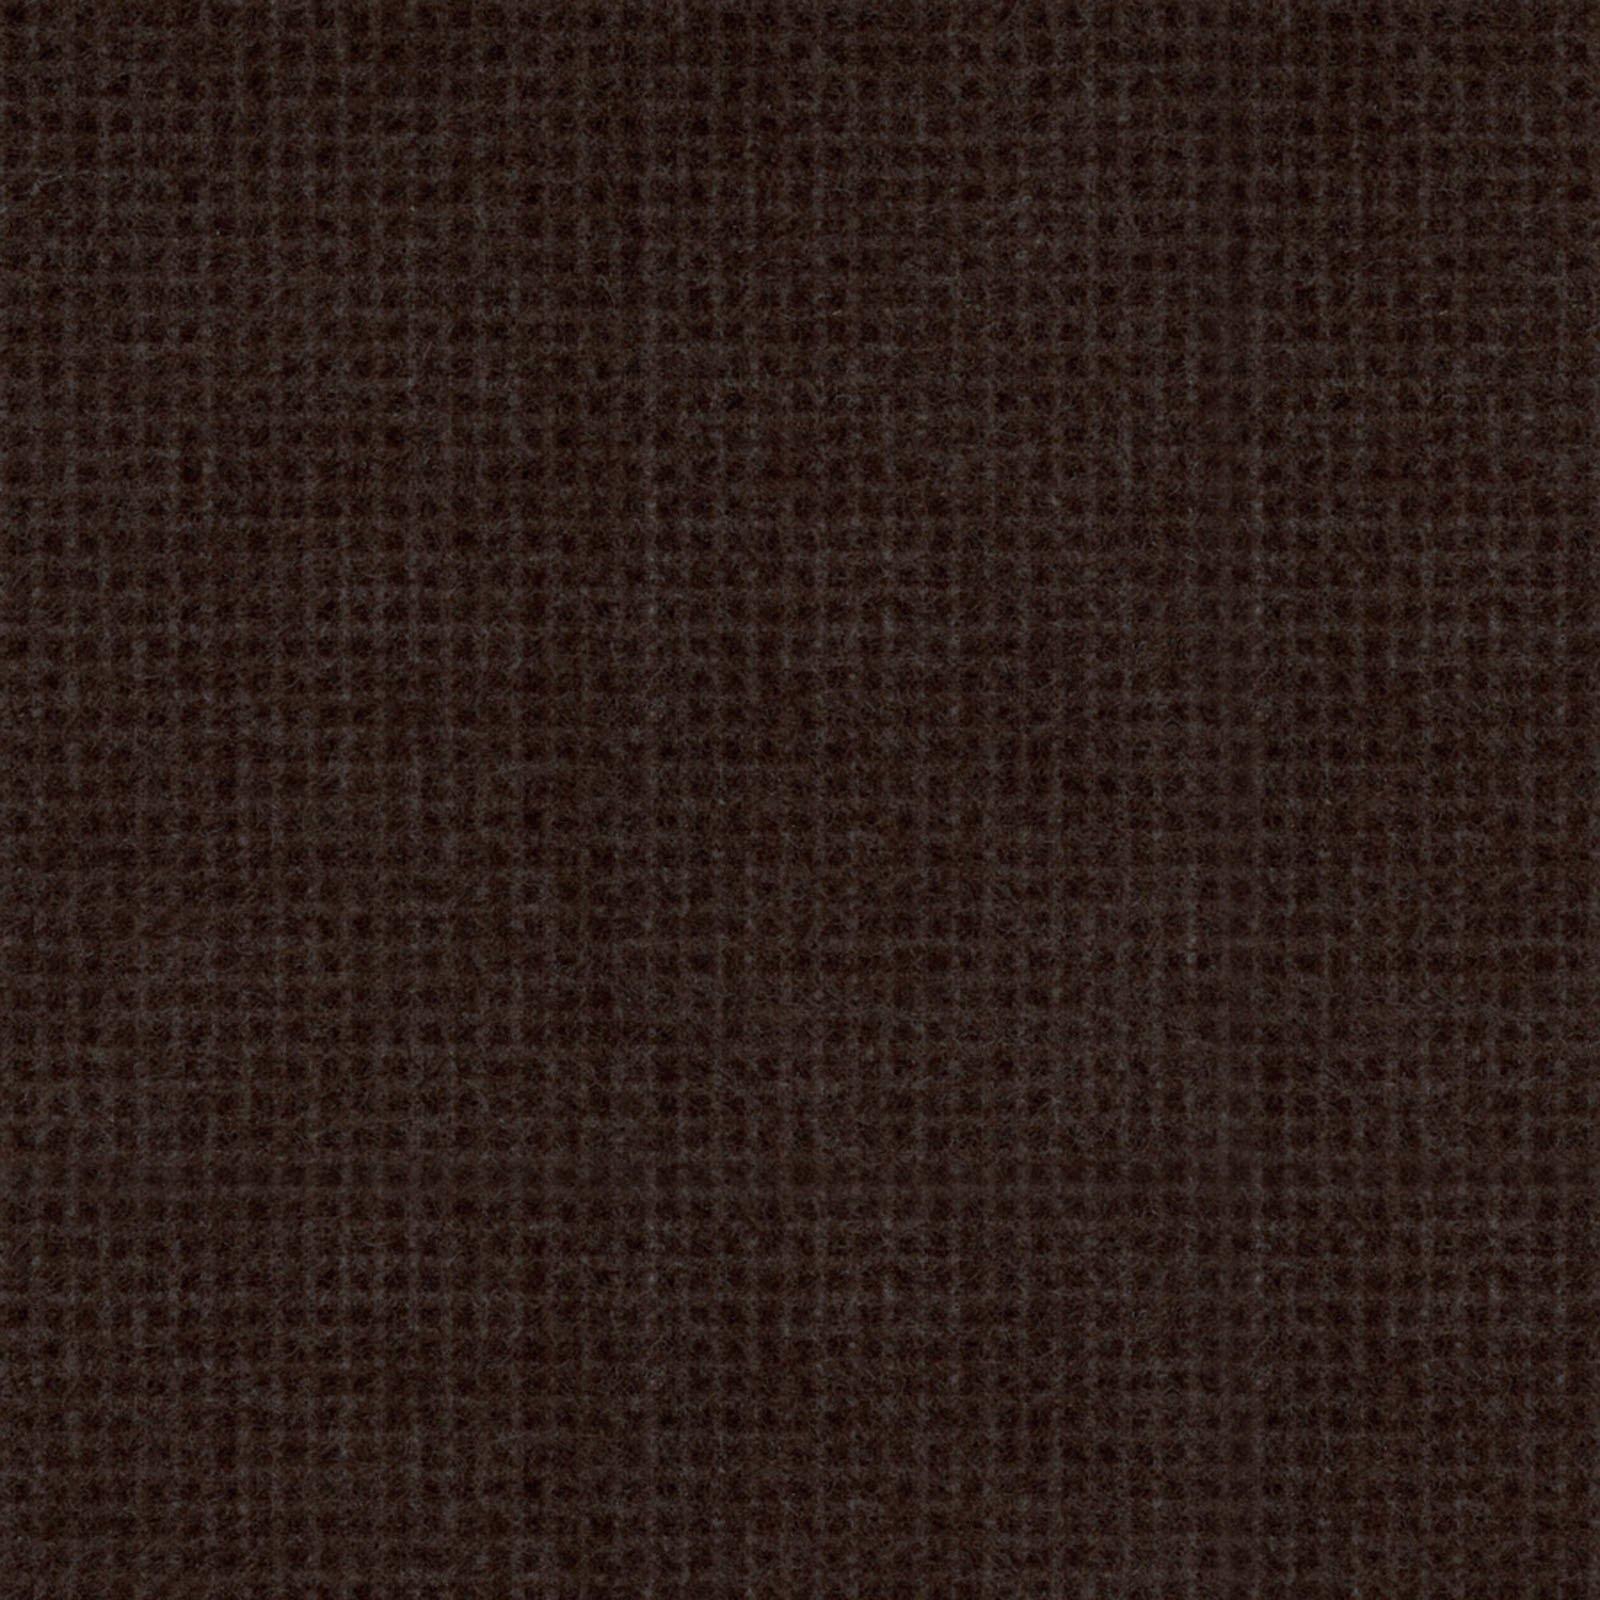 Dark Brown - Weave - Woolies Flannel